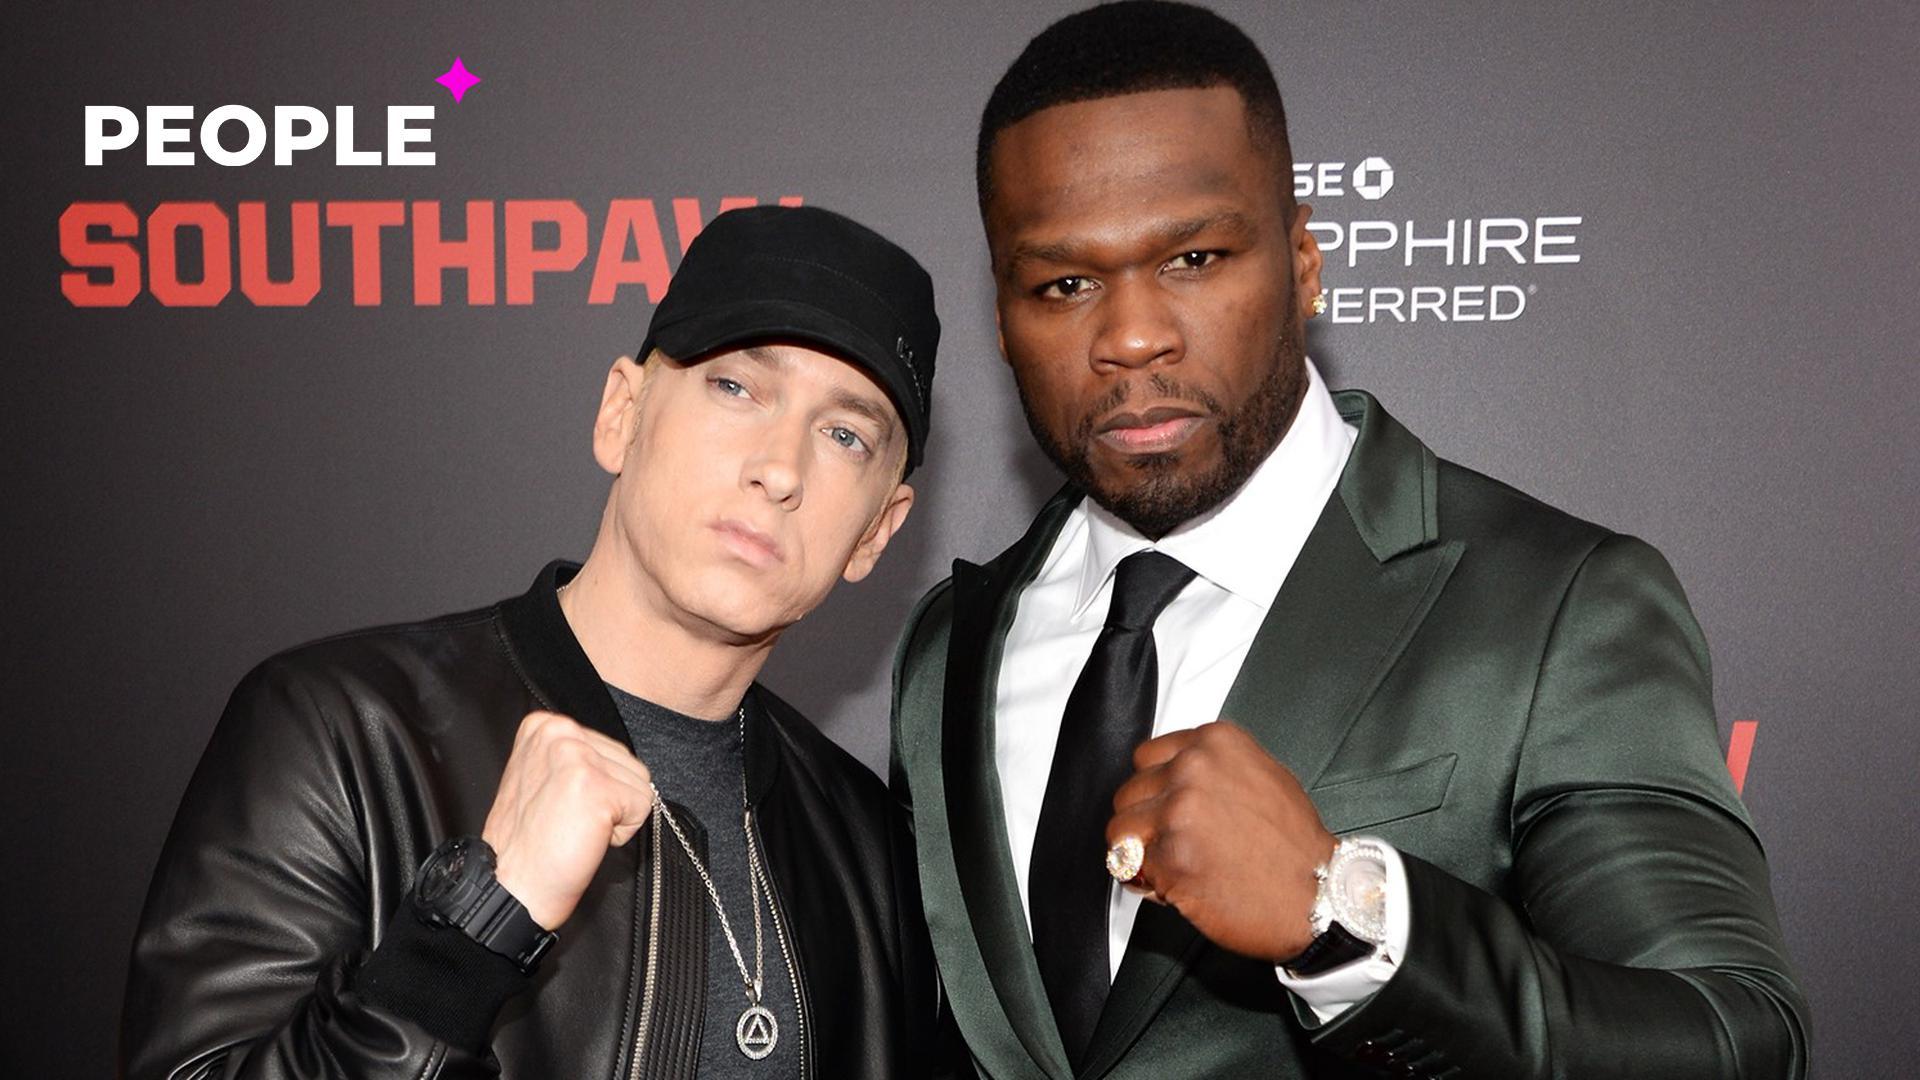 Эминем снимется в сериале о бандитах от рэпера 50 Cent